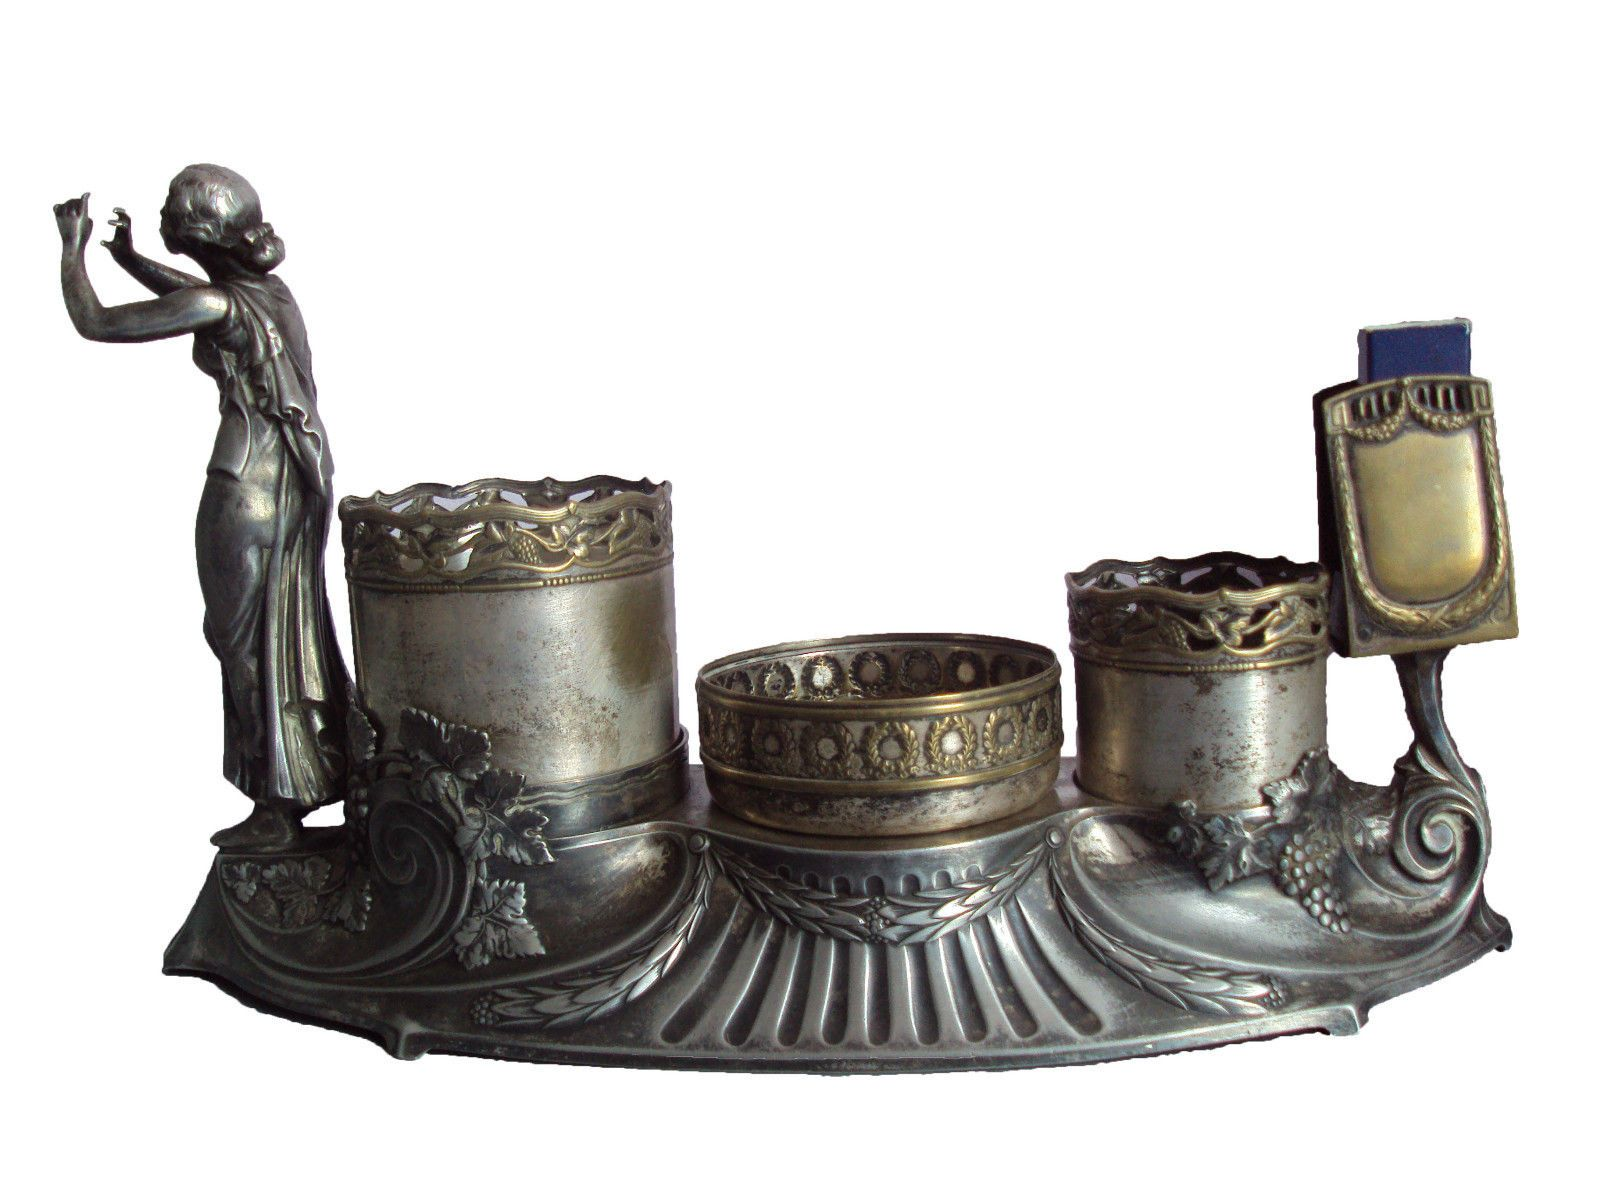 antique wmf jugendstil versilbert frau raucher ensemble ca 1900 markiert for sale eur. Black Bedroom Furniture Sets. Home Design Ideas